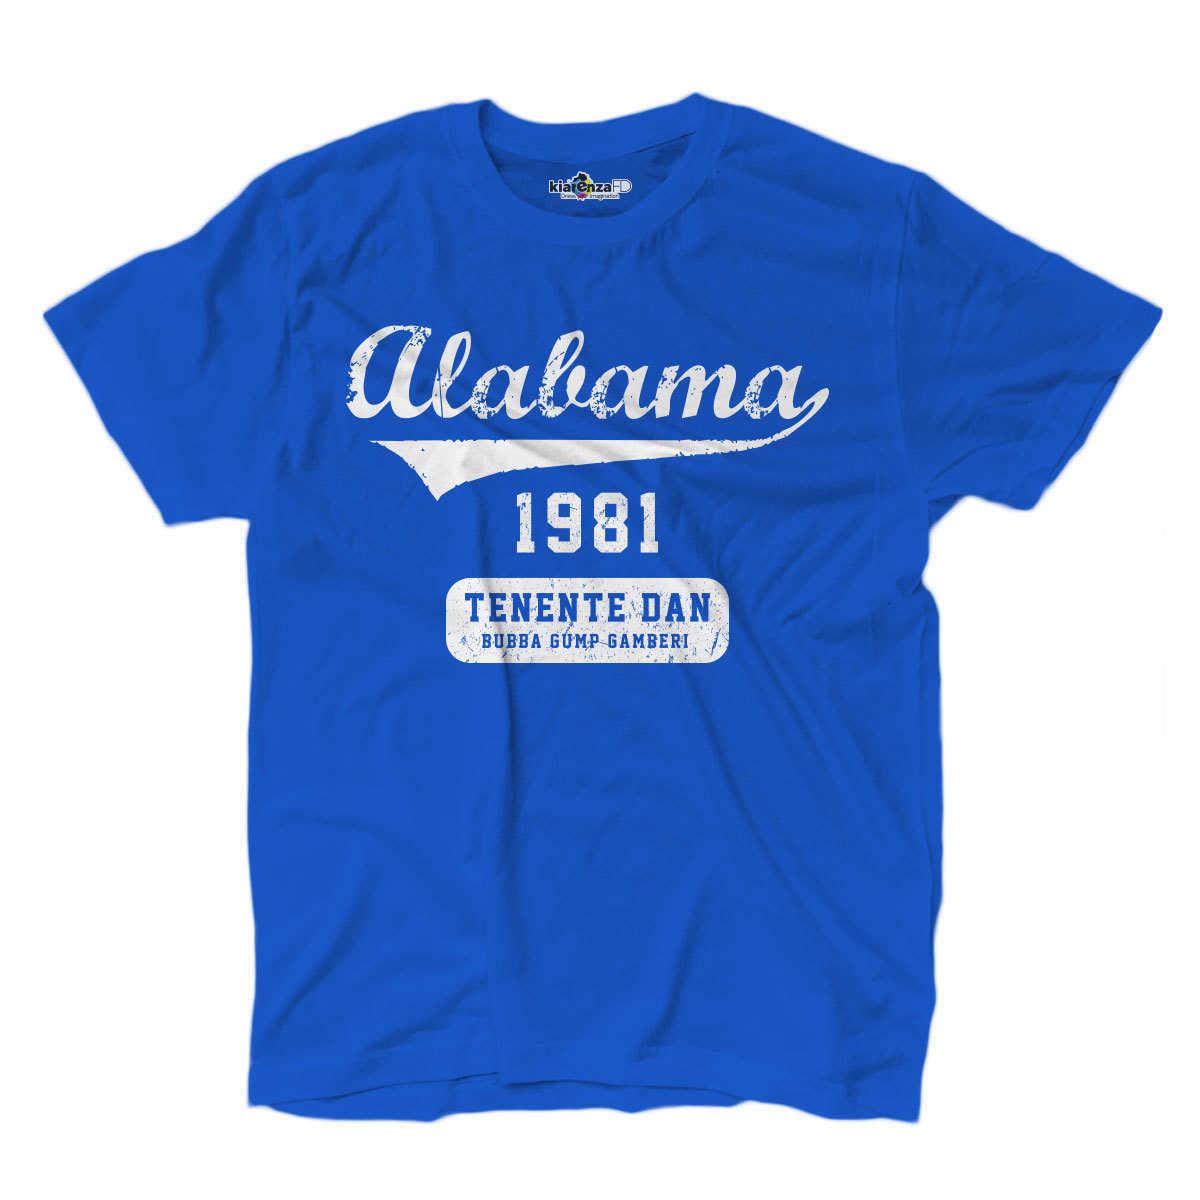 Camiseta Forrest Gump el teniente Dan Alabama películas de culto 1 S